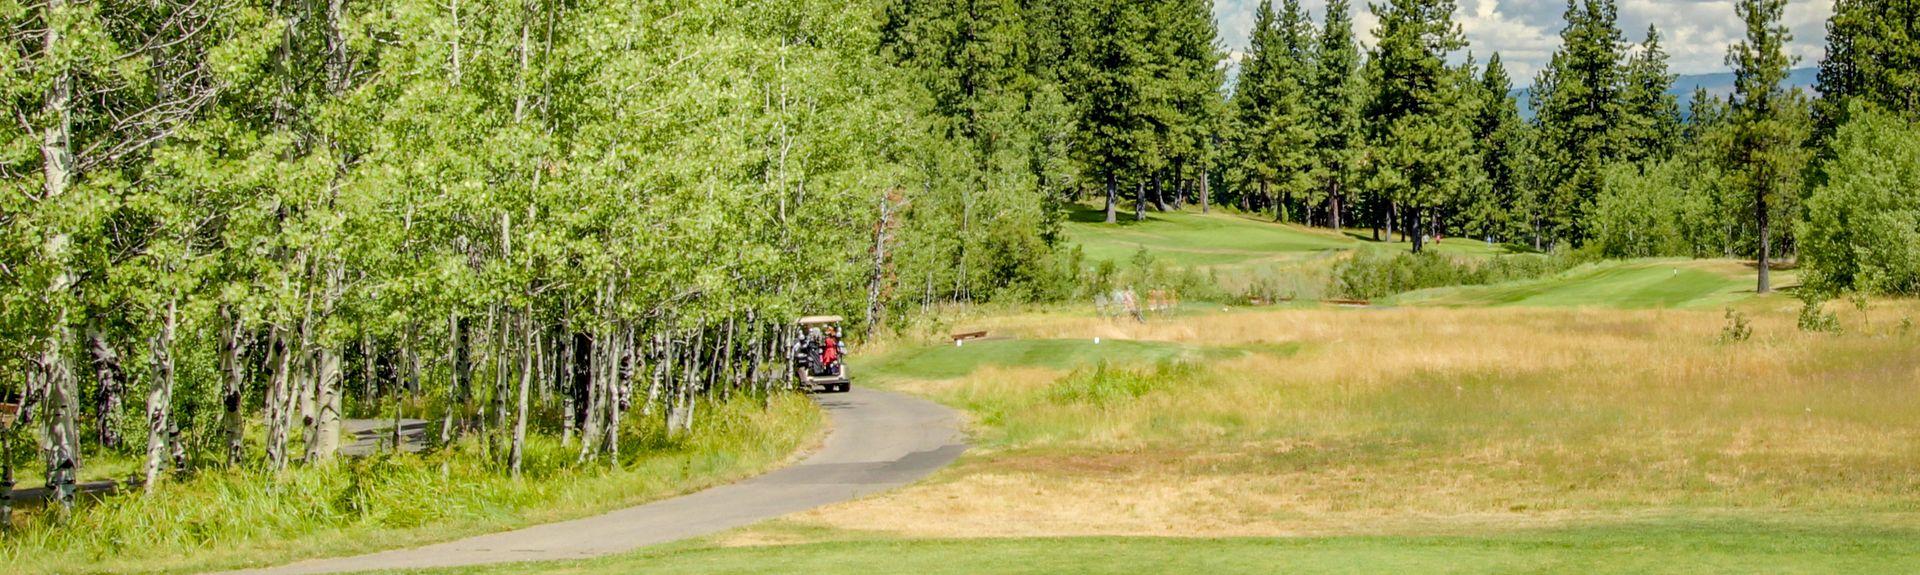 Incline Village Championship Golf Course, Incline Village, Nevada, États-Unis d'Amérique